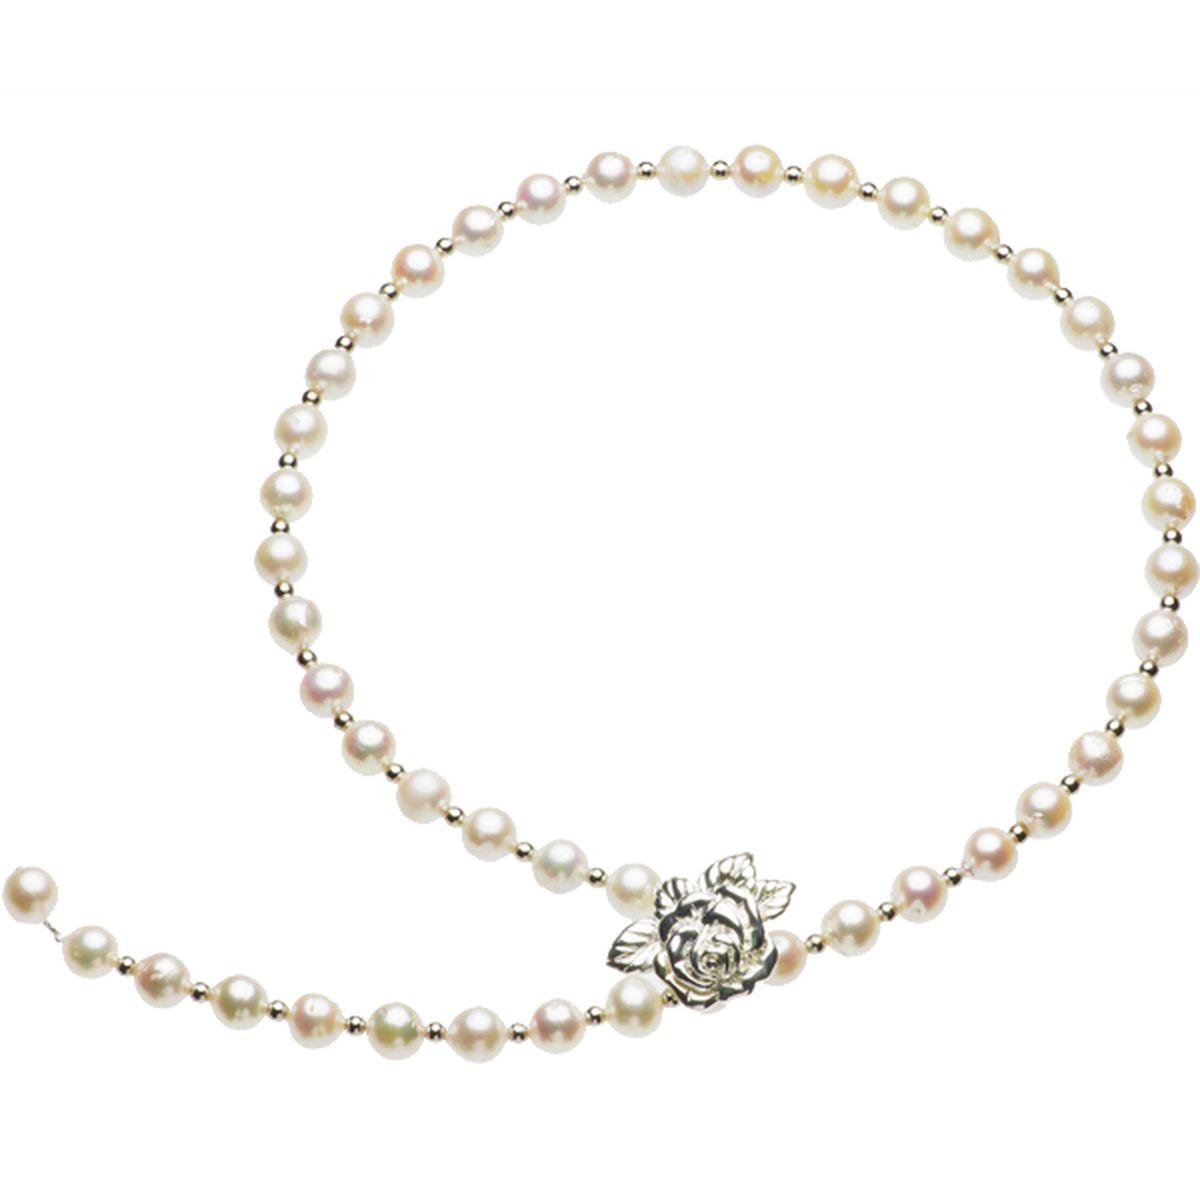 アコヤ真珠オリジナルデザインネックレス 約8.5-9mmの写真